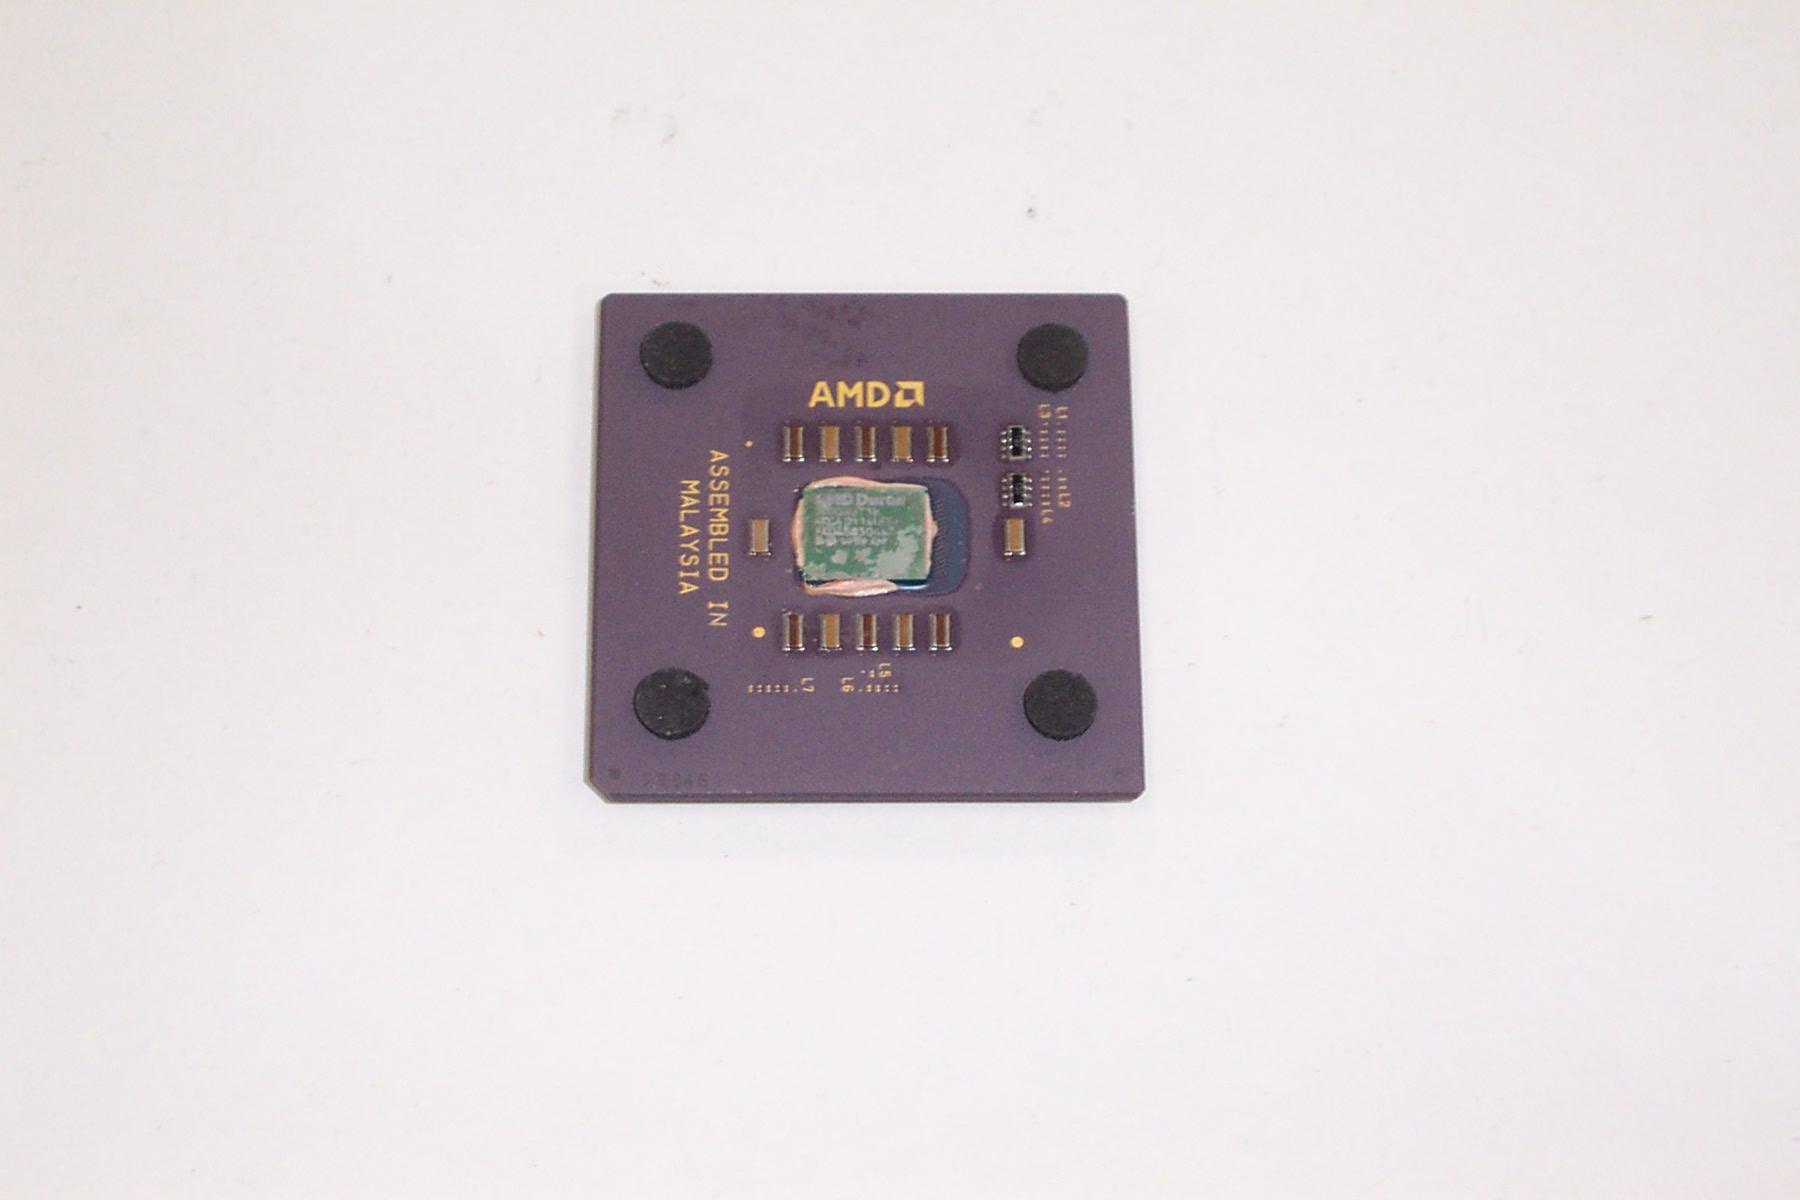 AMD D900AUT1B Duron 900MHz Socket A (462) CPU